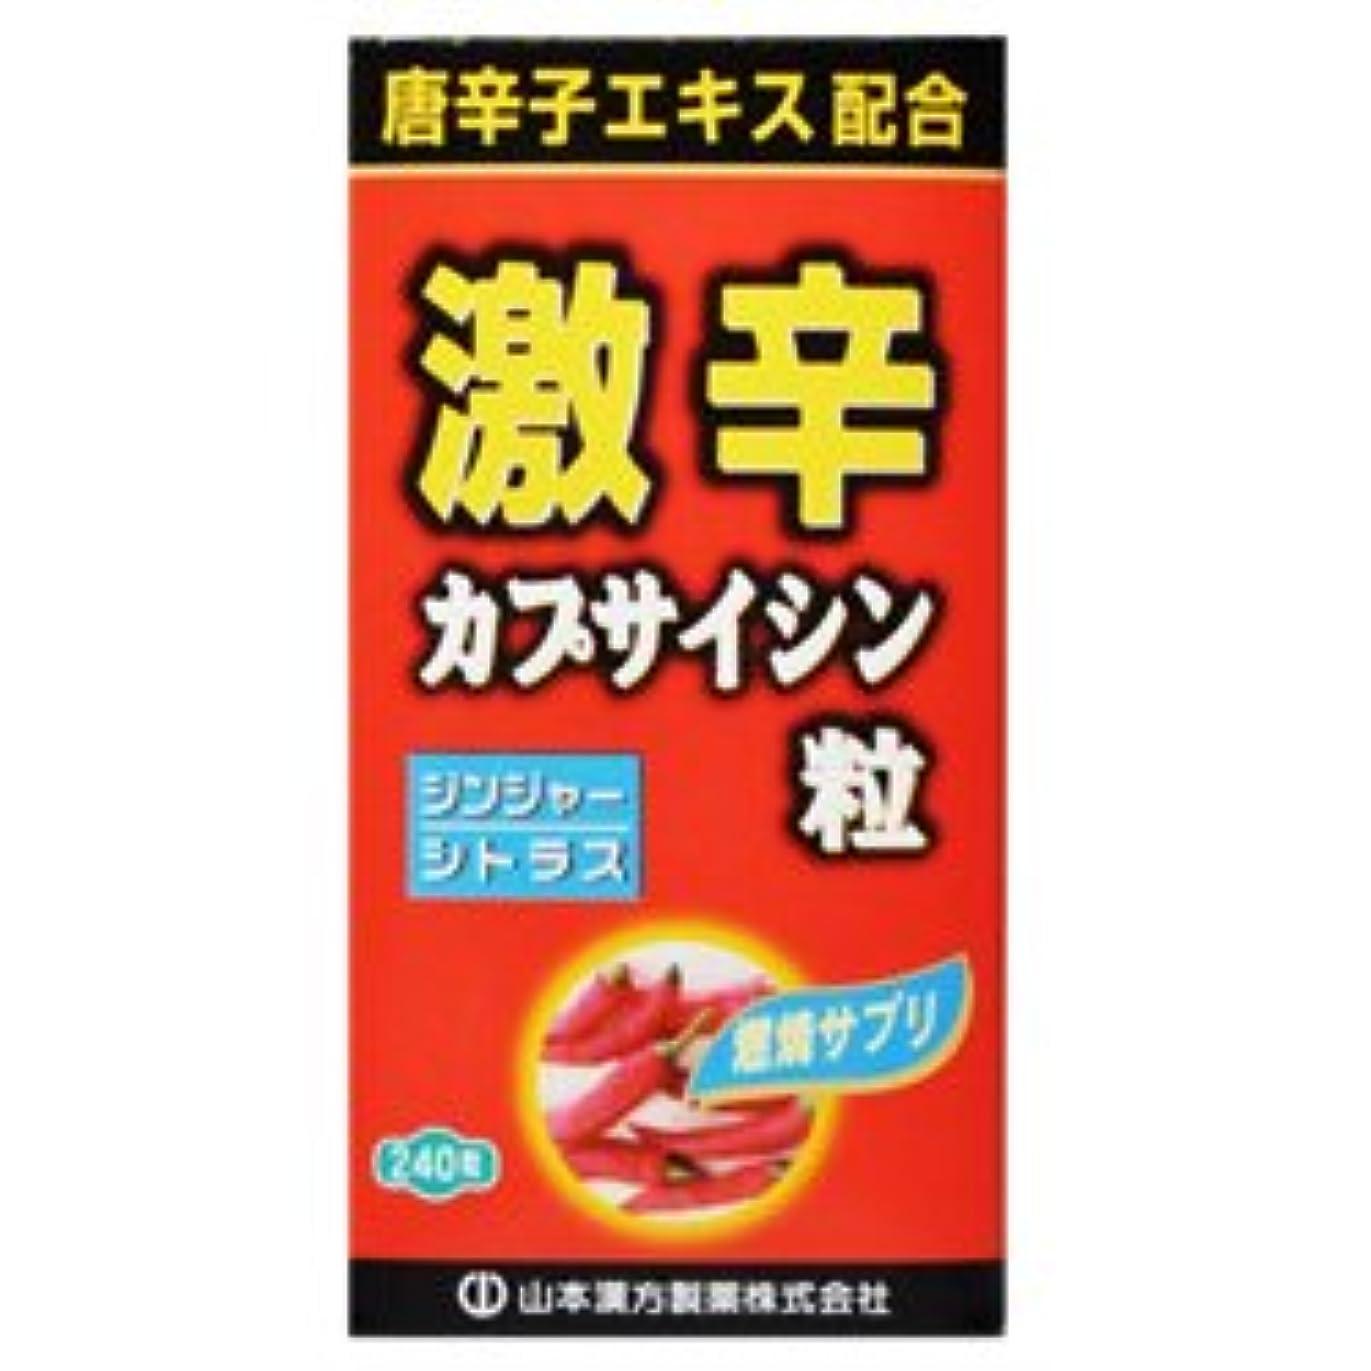 町組み合わせるフレット【山本漢方製薬】激辛 カプサイシン粒 240粒 ×5個セット